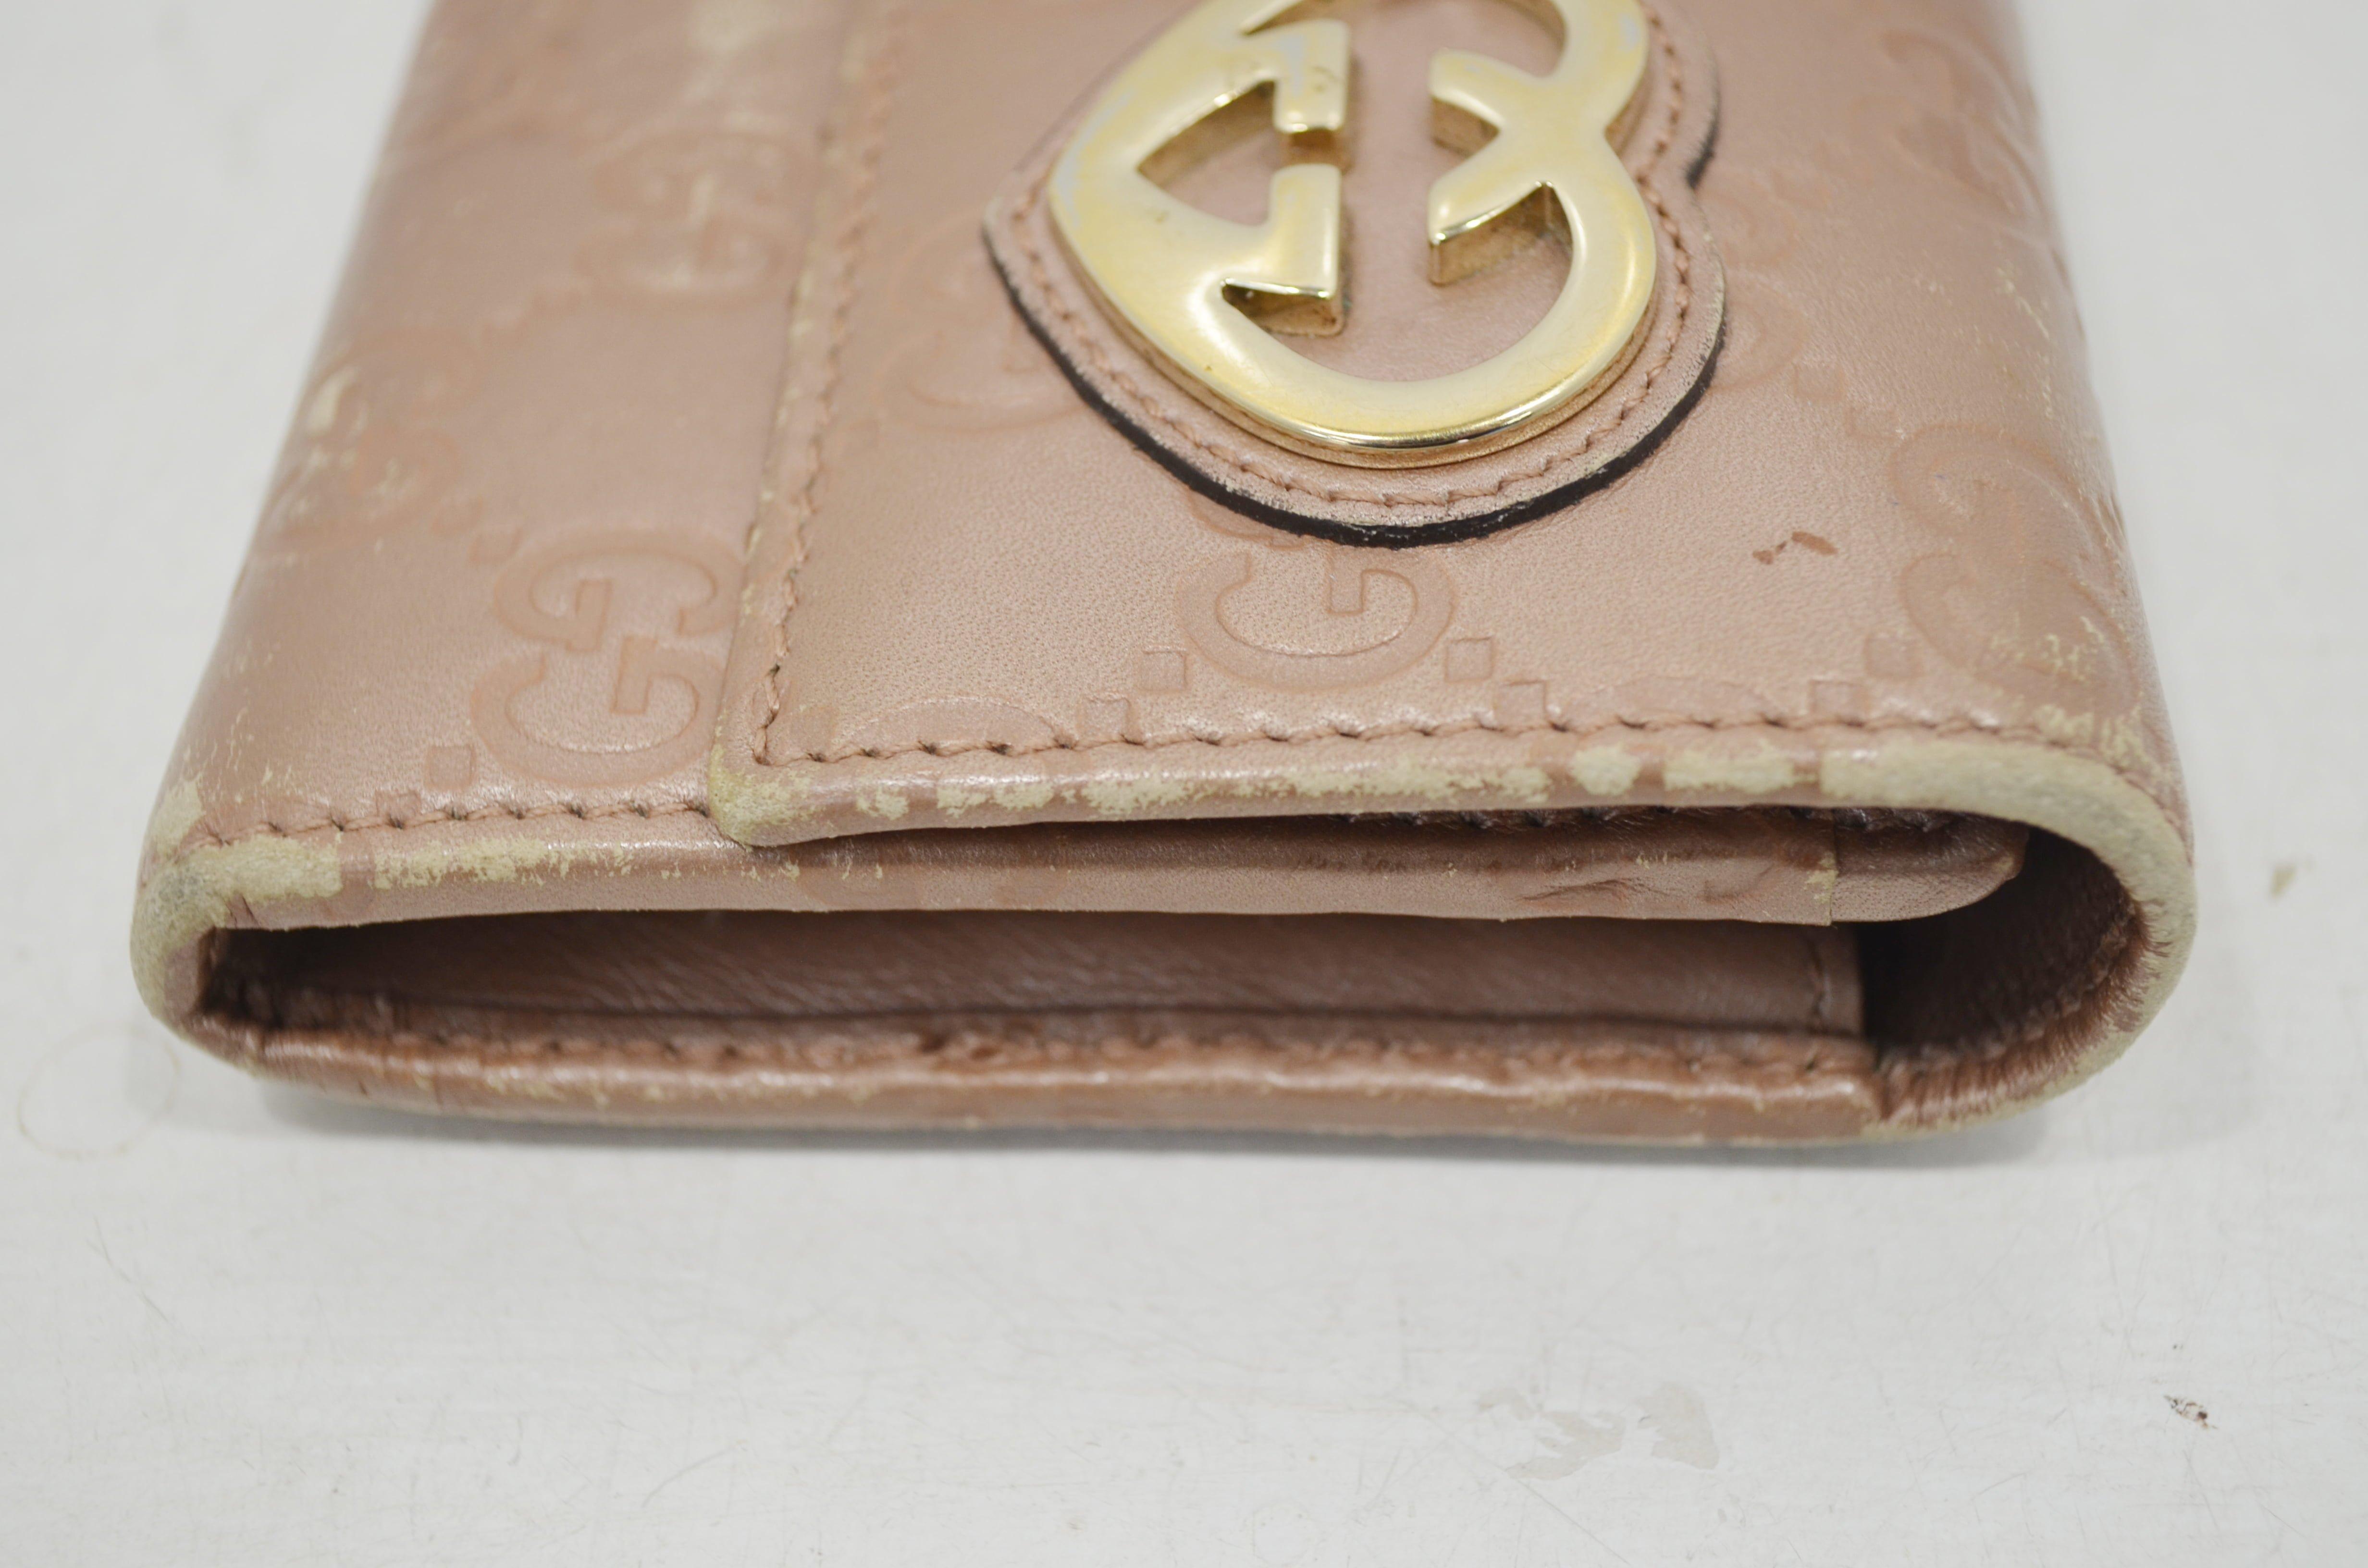 グッチ・ハートシェイプロッキングの長財布